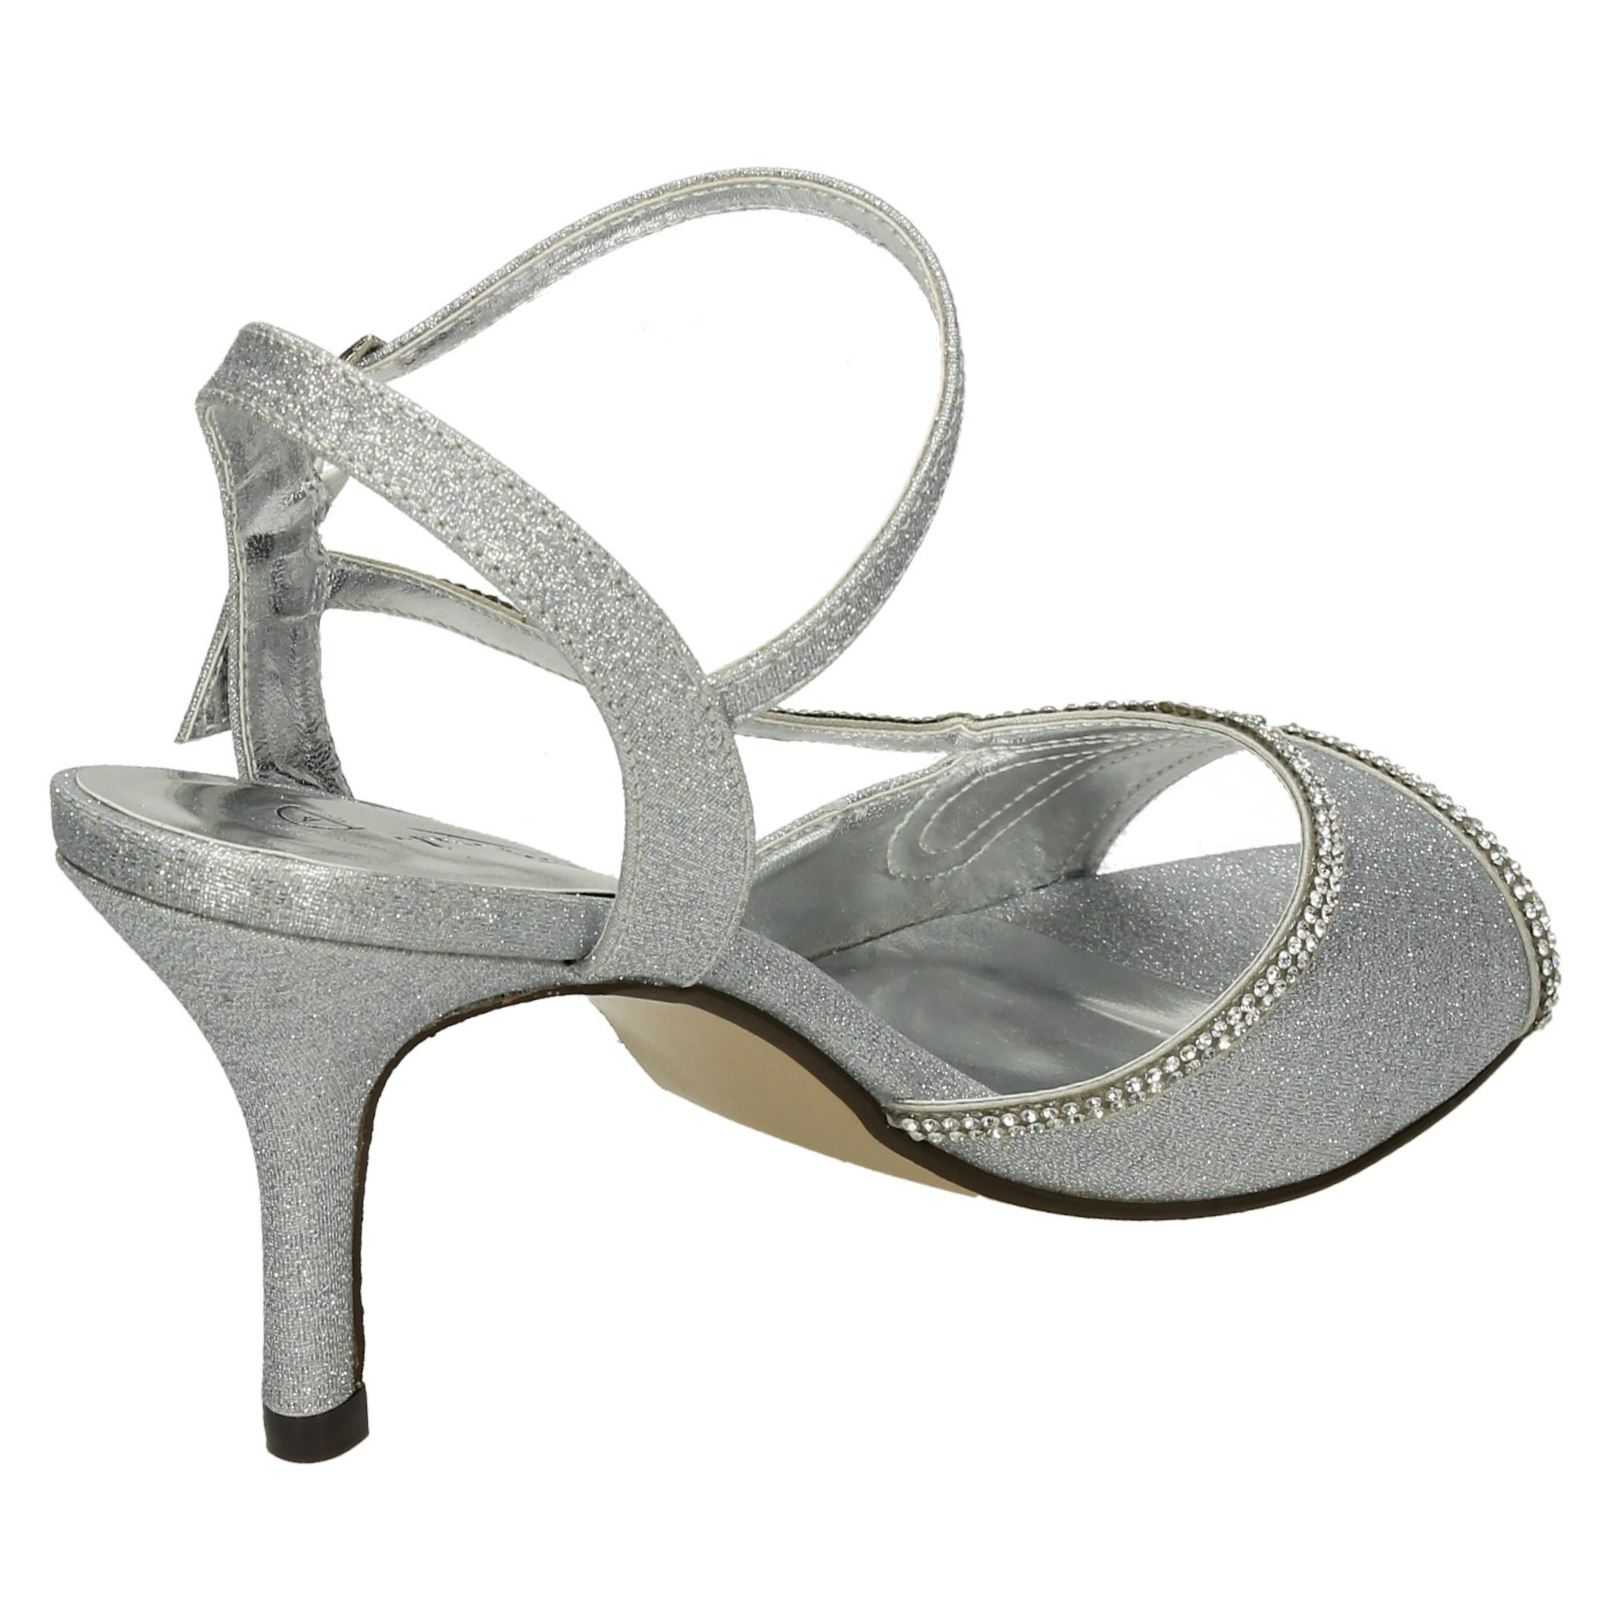 Mujer-Anne-Michelle-Tacon-Mediano-039-Zapato-039